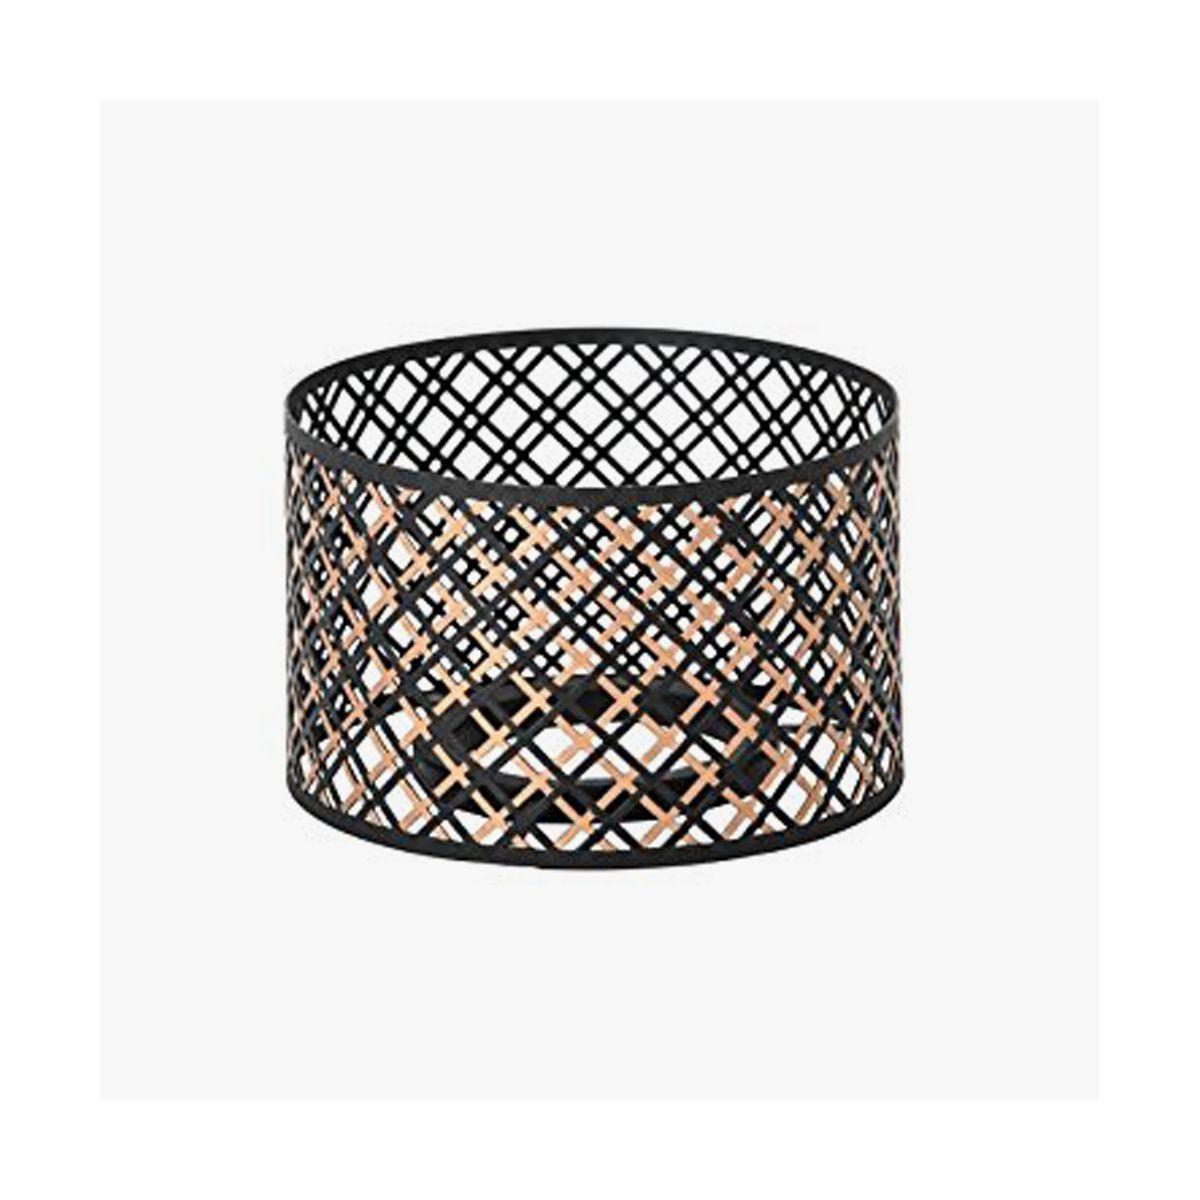 abat jour metal ajoure. Black Bedroom Furniture Sets. Home Design Ideas